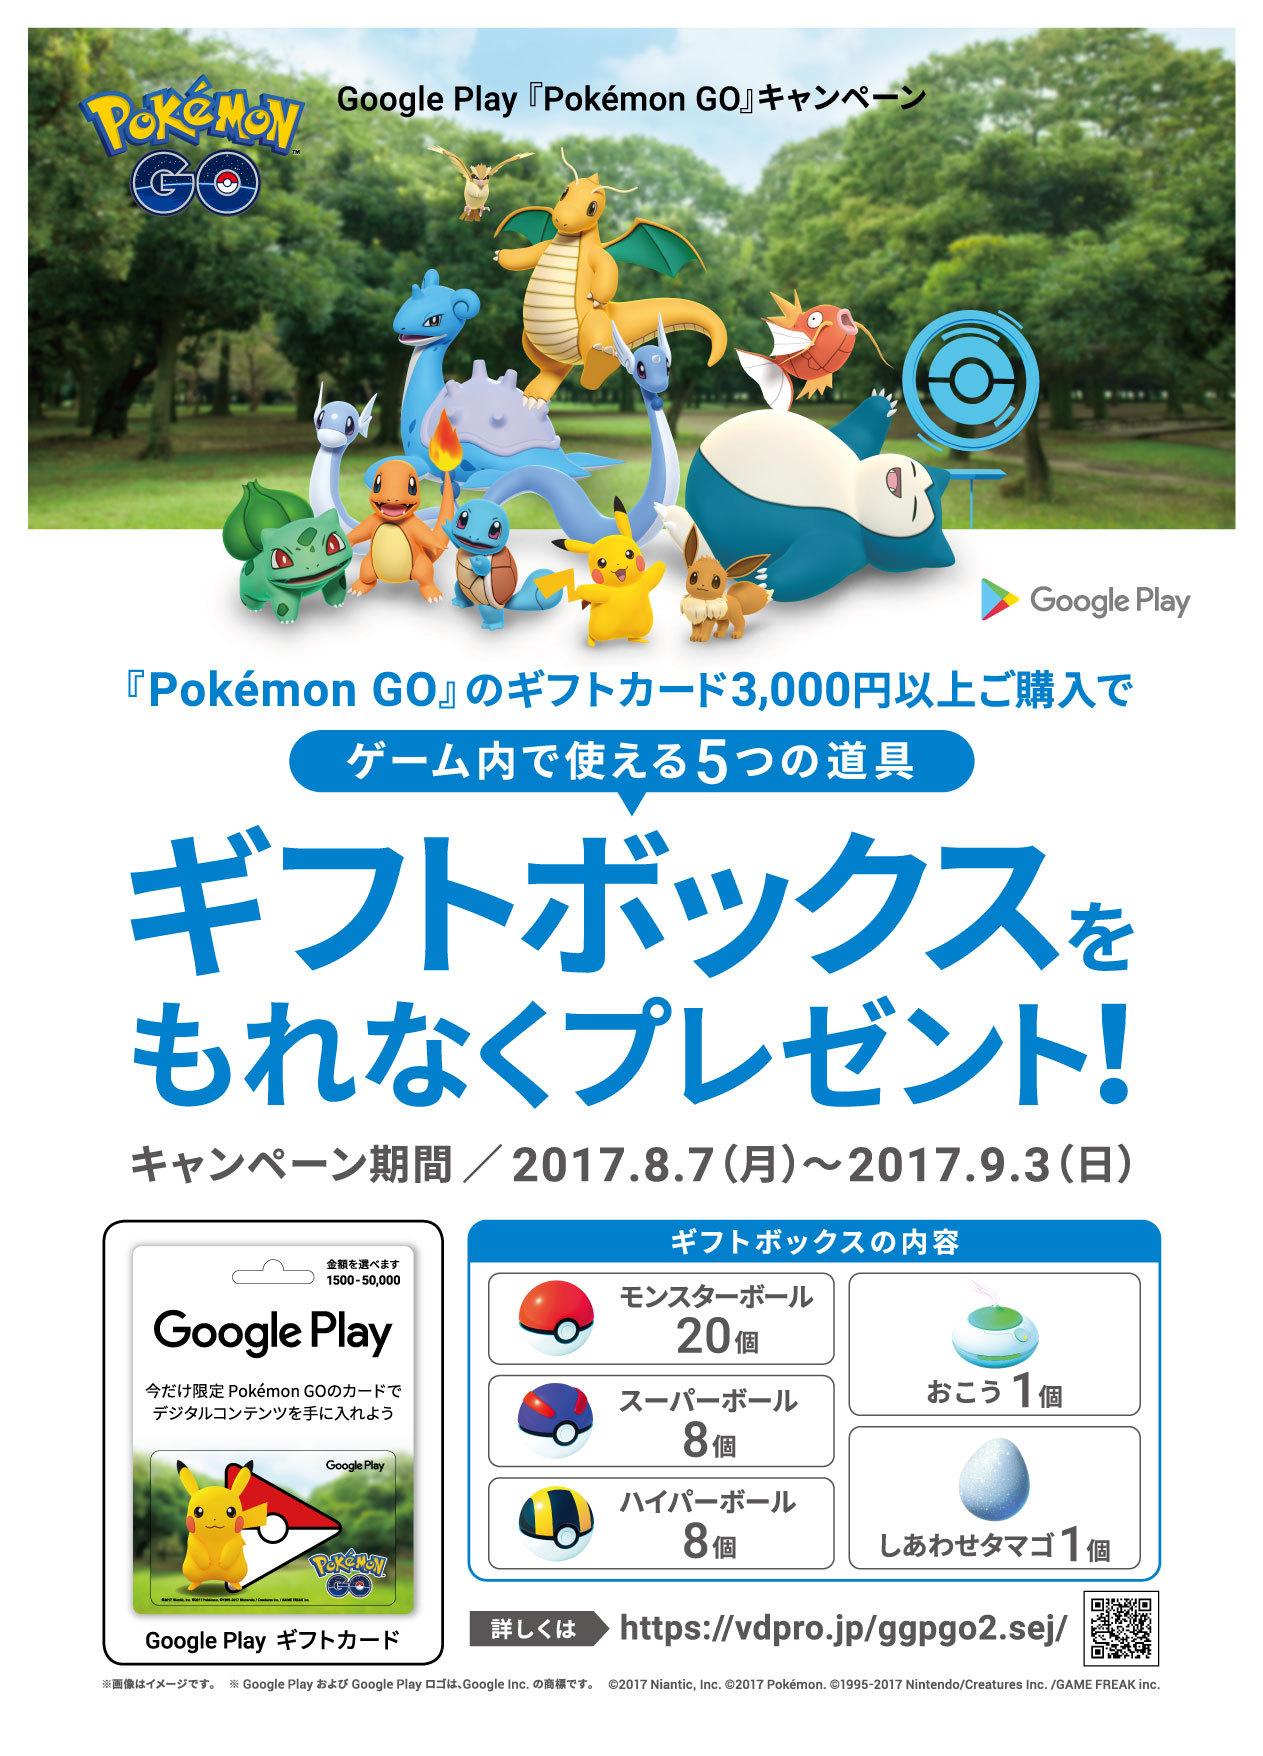 ポケモンgo』でgoogle playギフトカード購入キャンペーンを実施